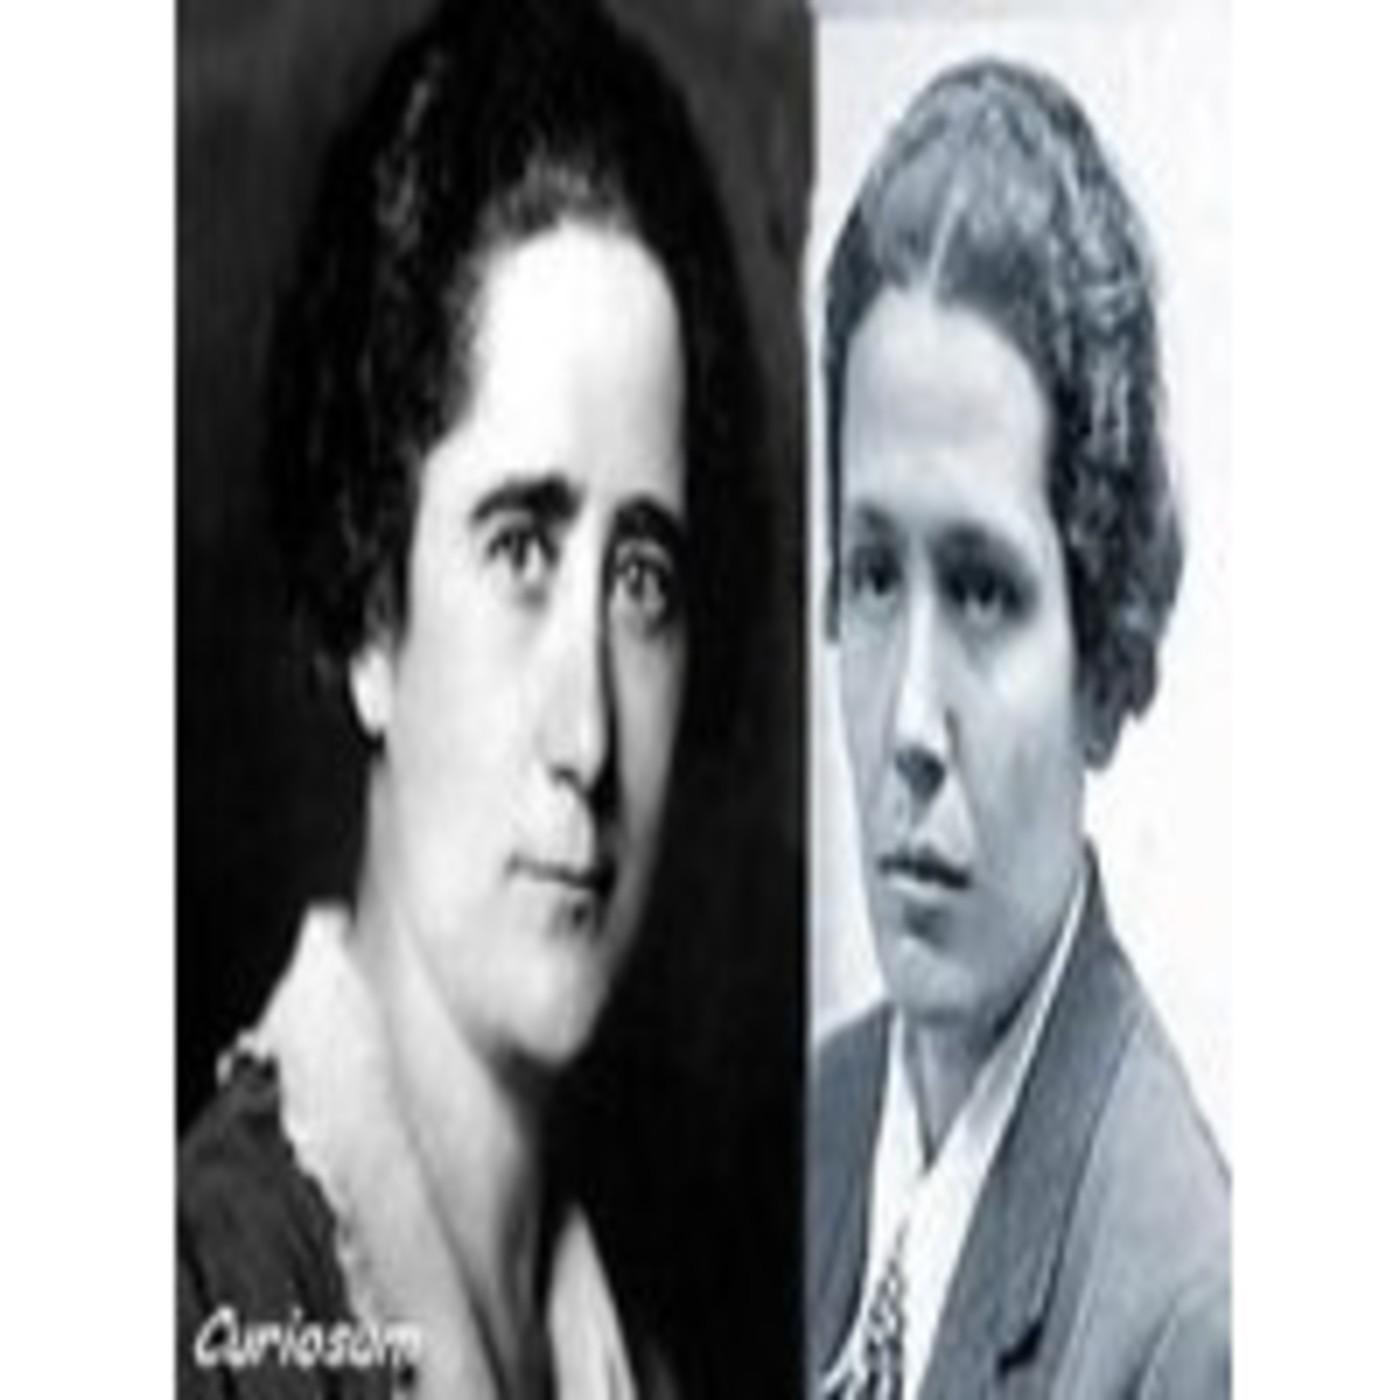 Pasajes de la historia. Clara Campoamor contra Victoria Kent.